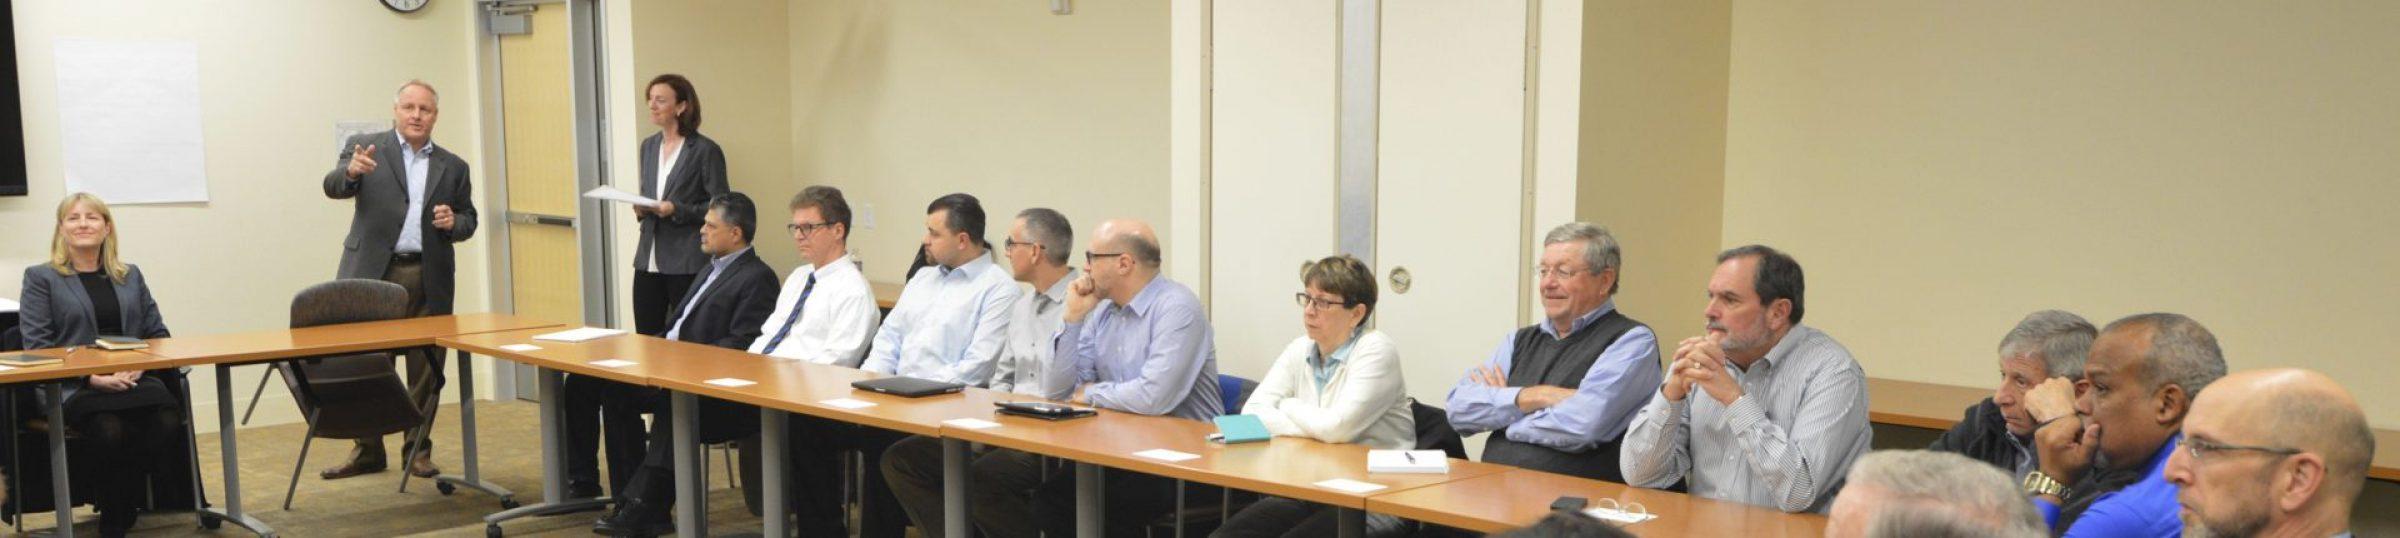 2016 CIO Roundtable